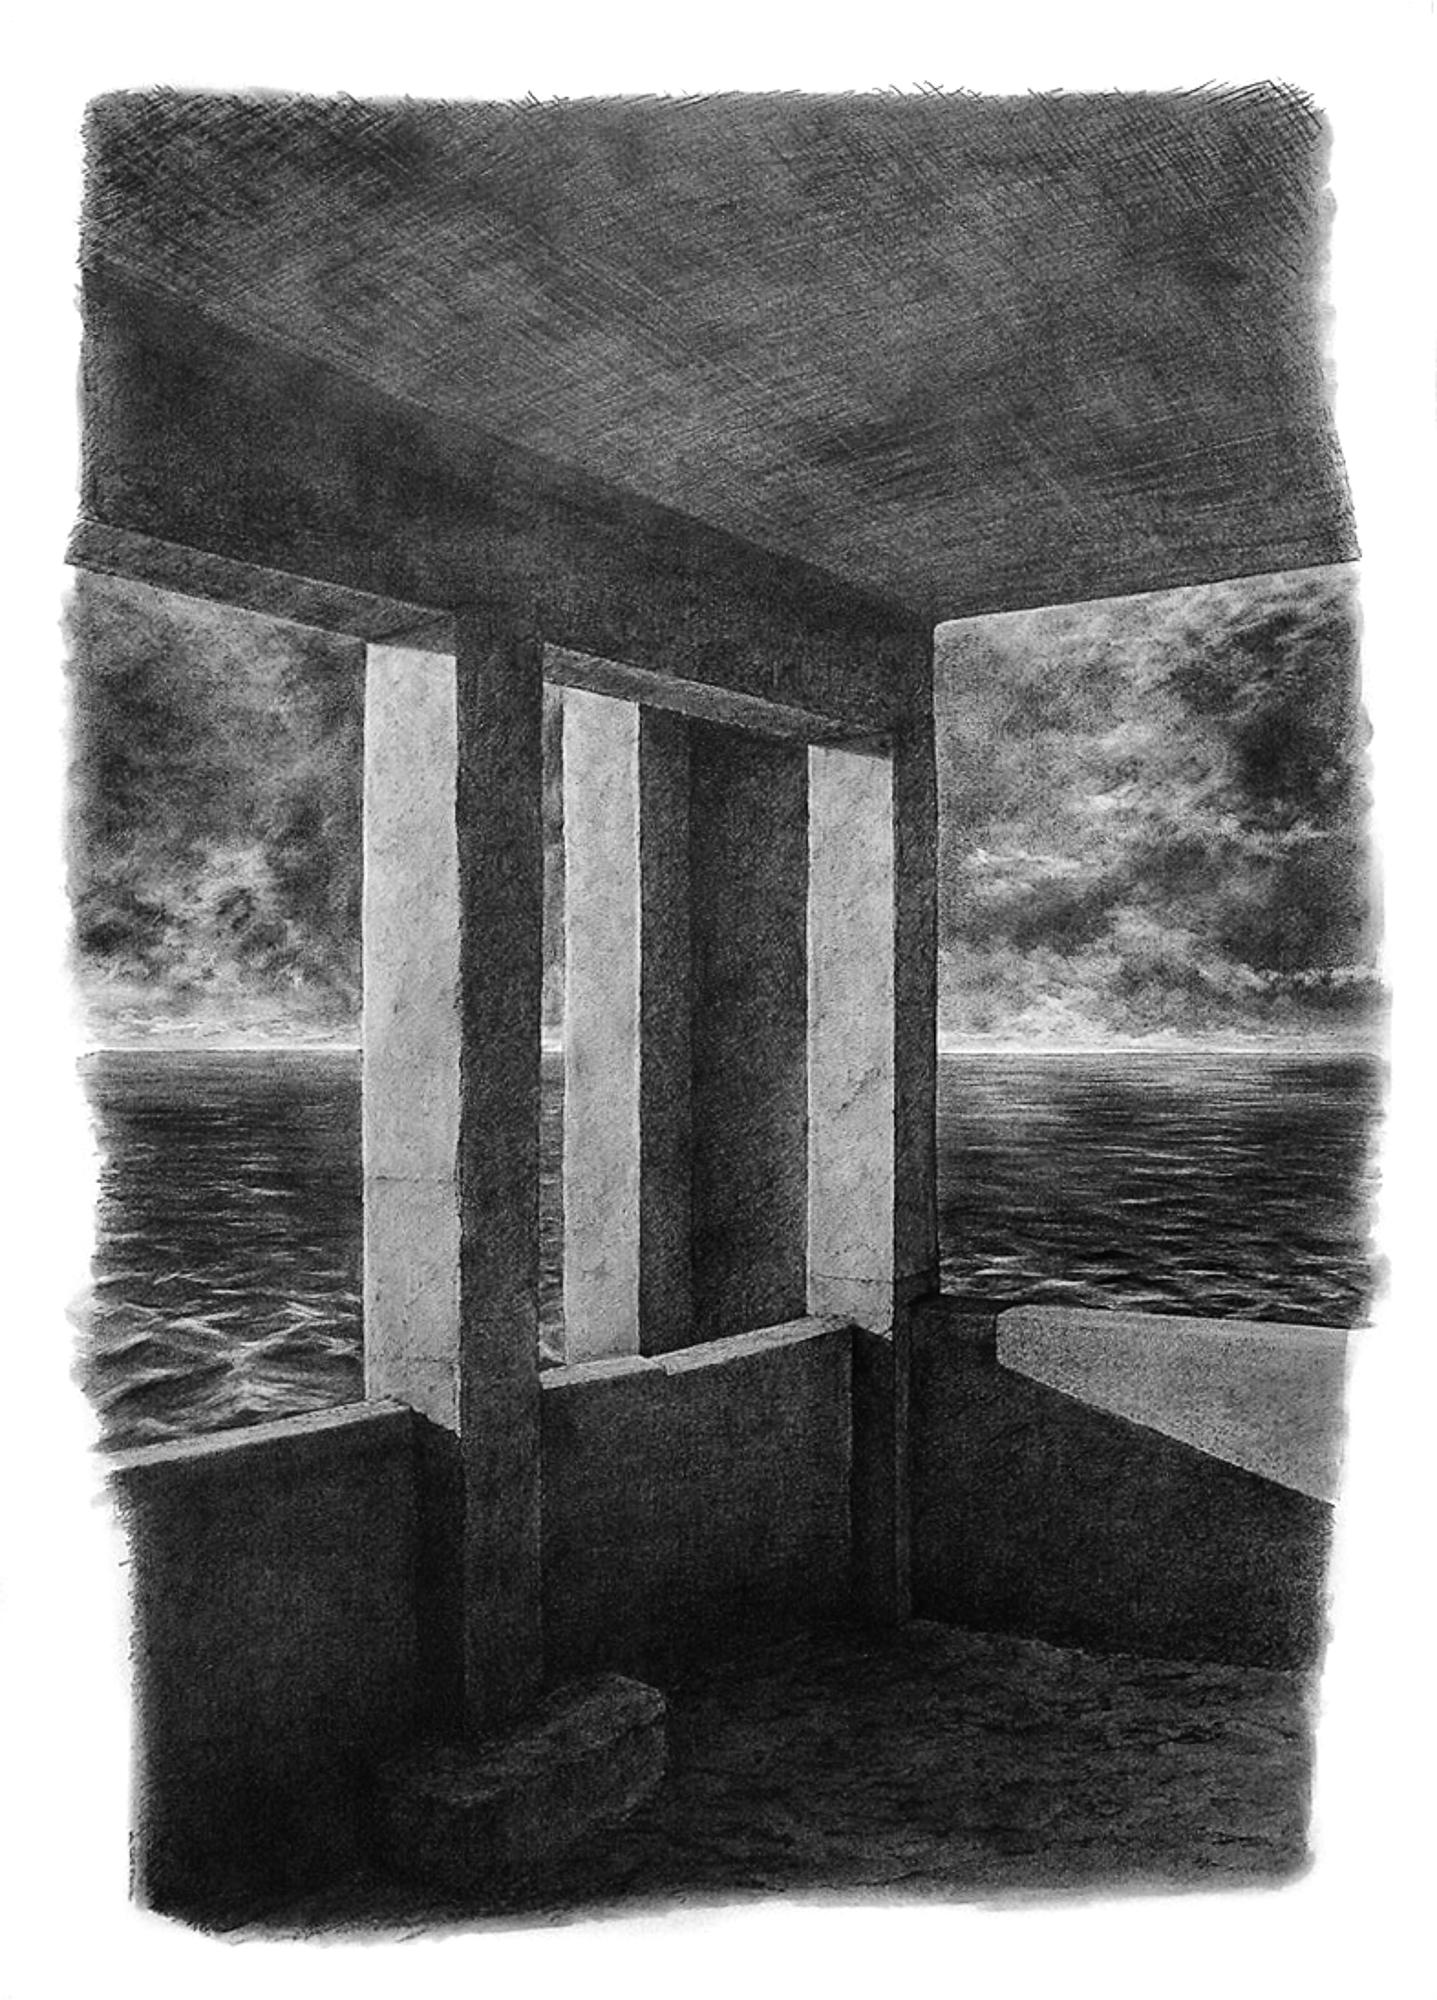 Magnolia Soto. Apuntes sobre identidad II. 1999. Grafito sobre papel. 100 x 75 cm.